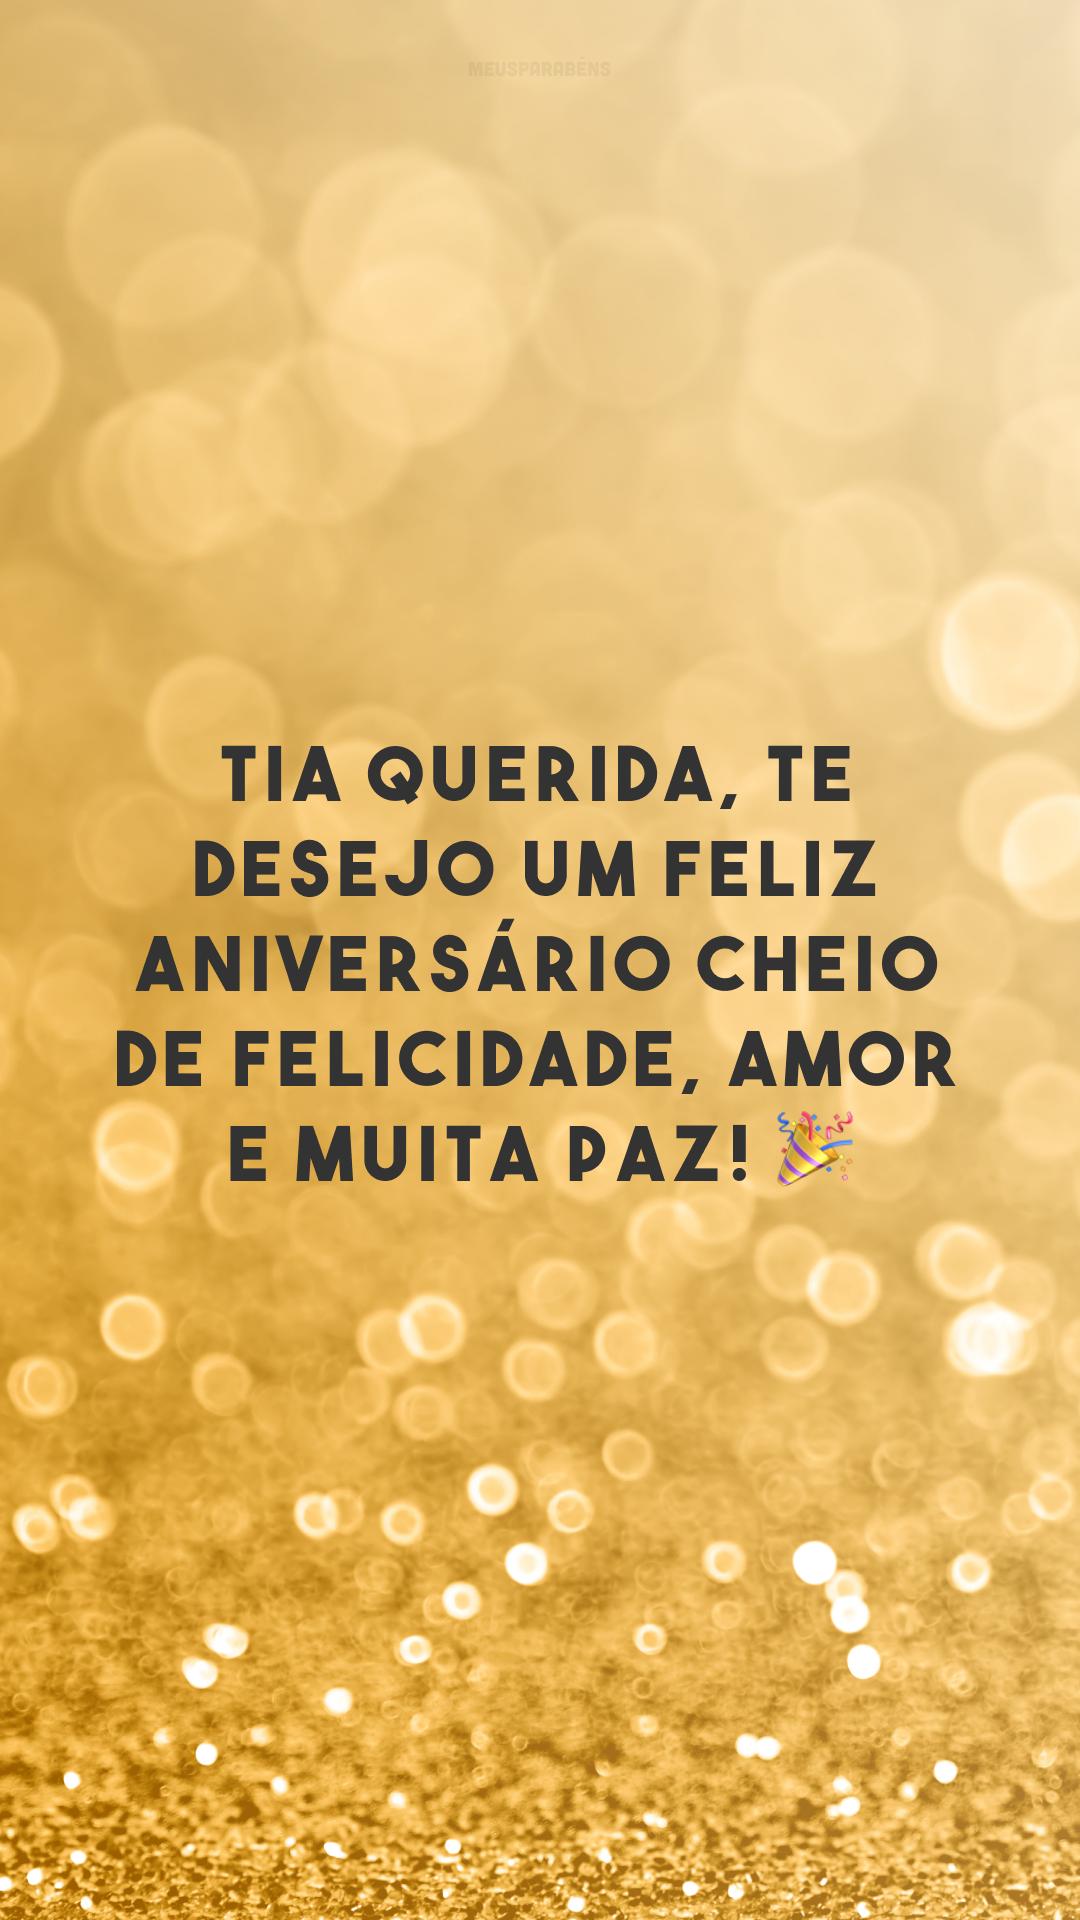 Tia querida, te desejo um feliz aniversário cheio de felicidade, amor e muita paz! ?